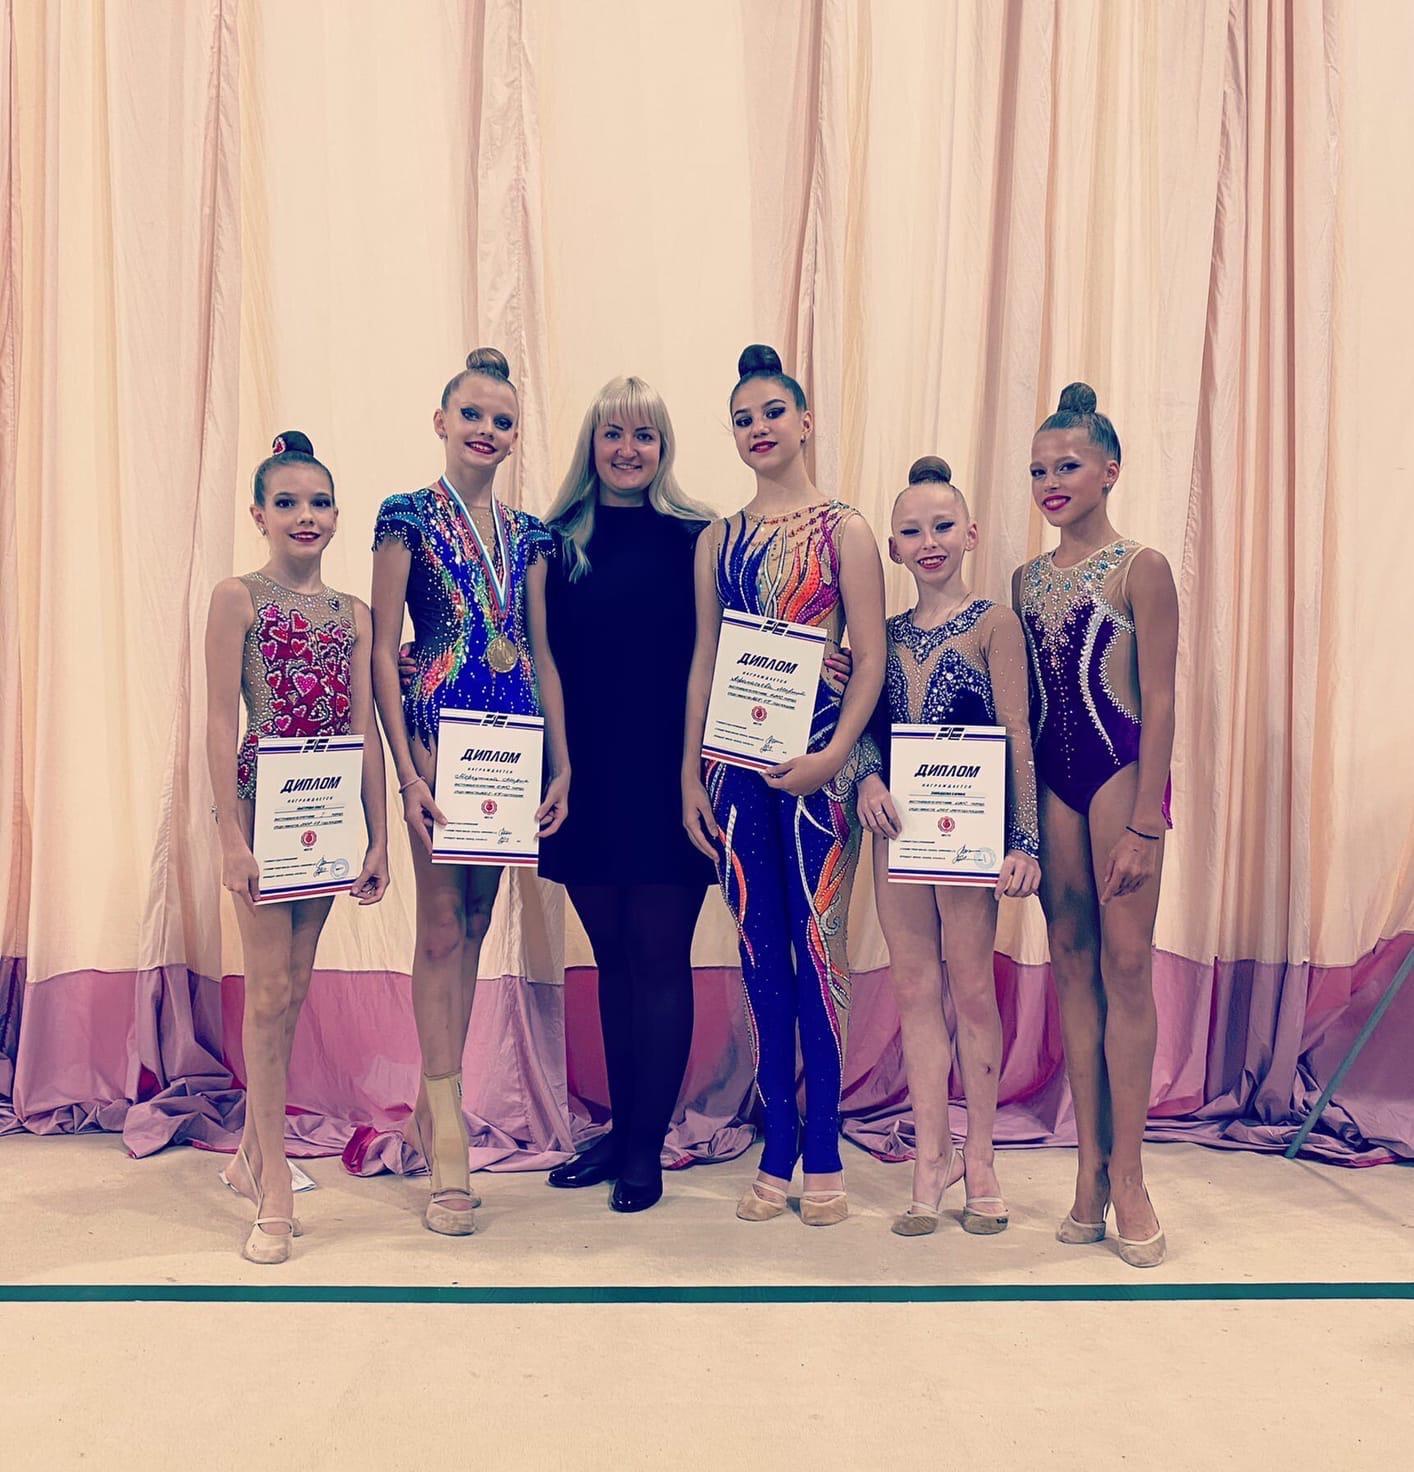 4-5 сентября в г. Раменское прошёл отборочный турнир МФСОО «Рекорд» по художественной гимнастике.